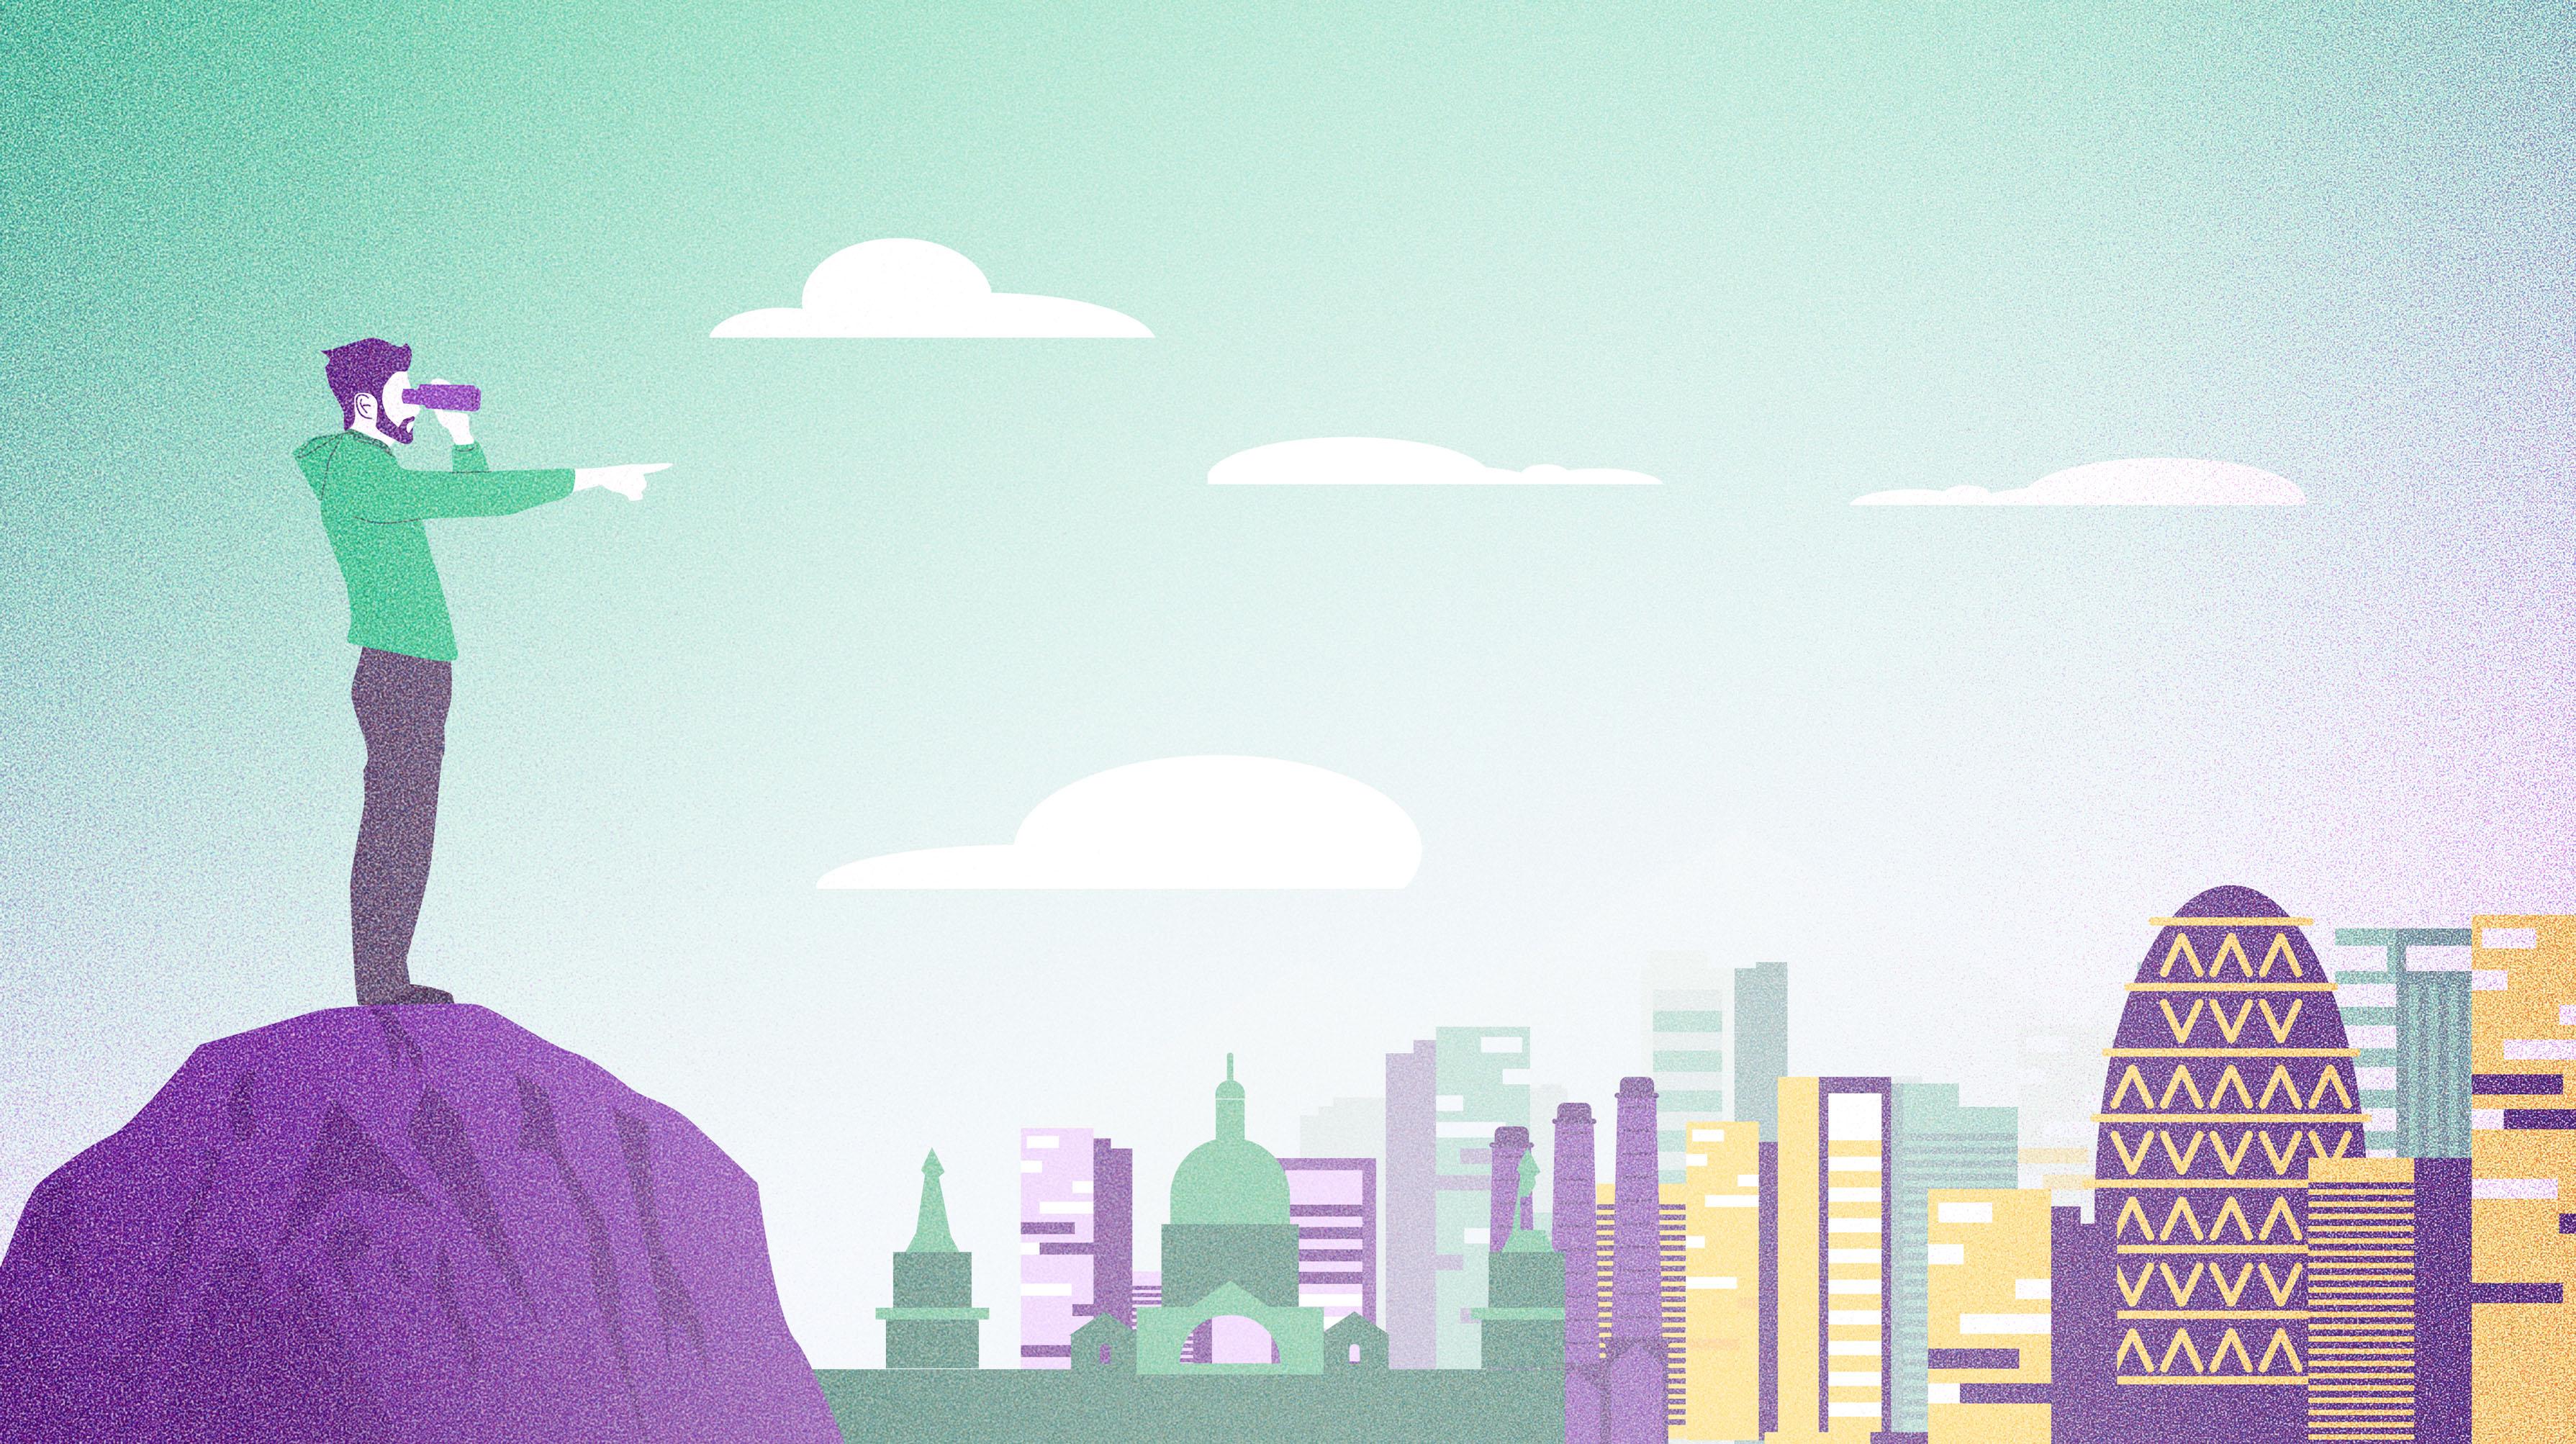 diseño ilustracion para blog diseño grafico alicante diseñador grafico freelance